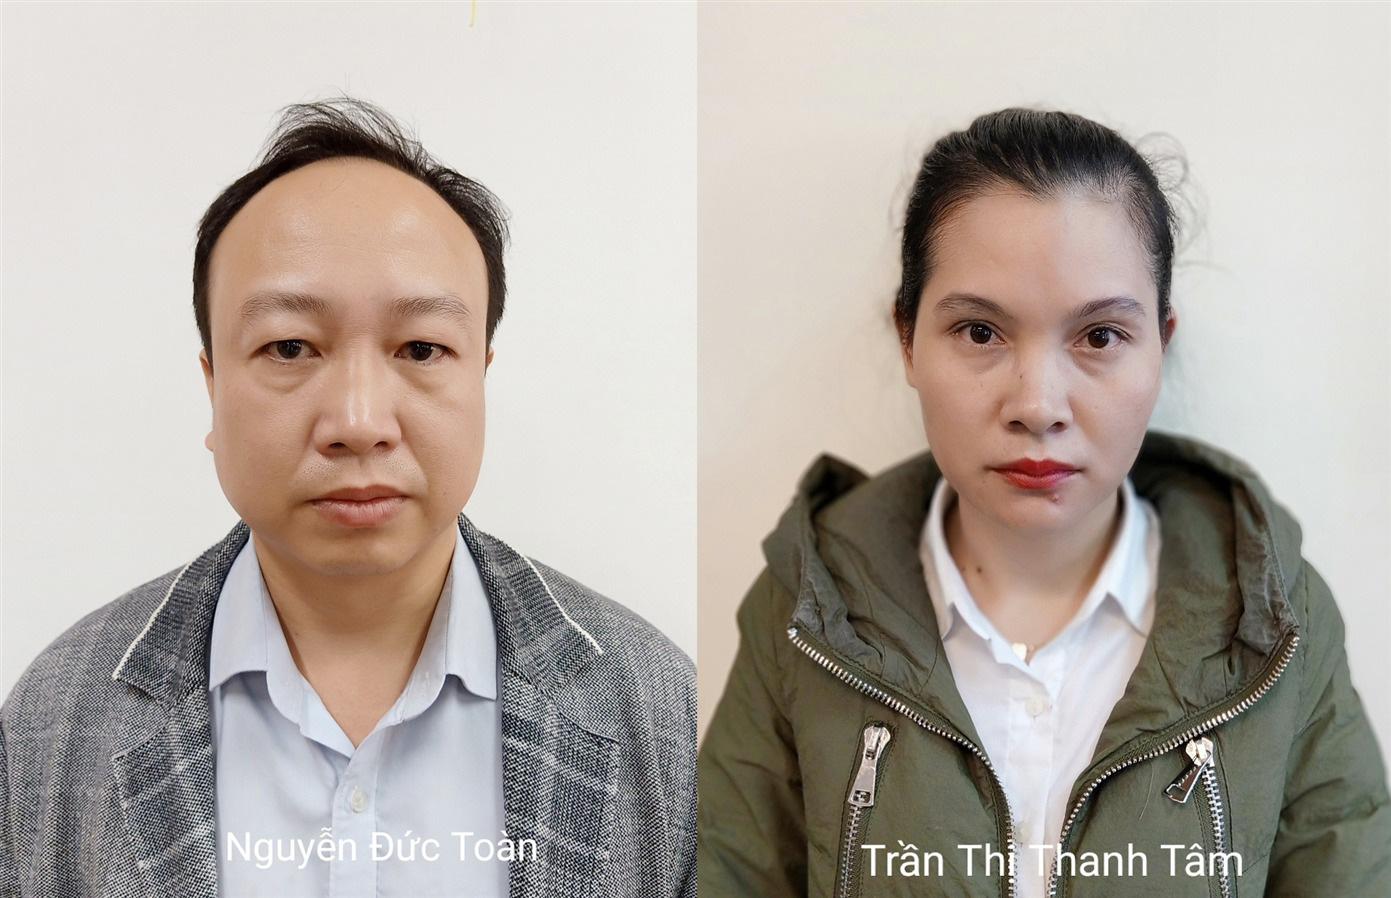 Khởi tố hai bị can trong vụ án Tham ô tài sản ở Nhà máy ô tô Veam - Ảnh 1.